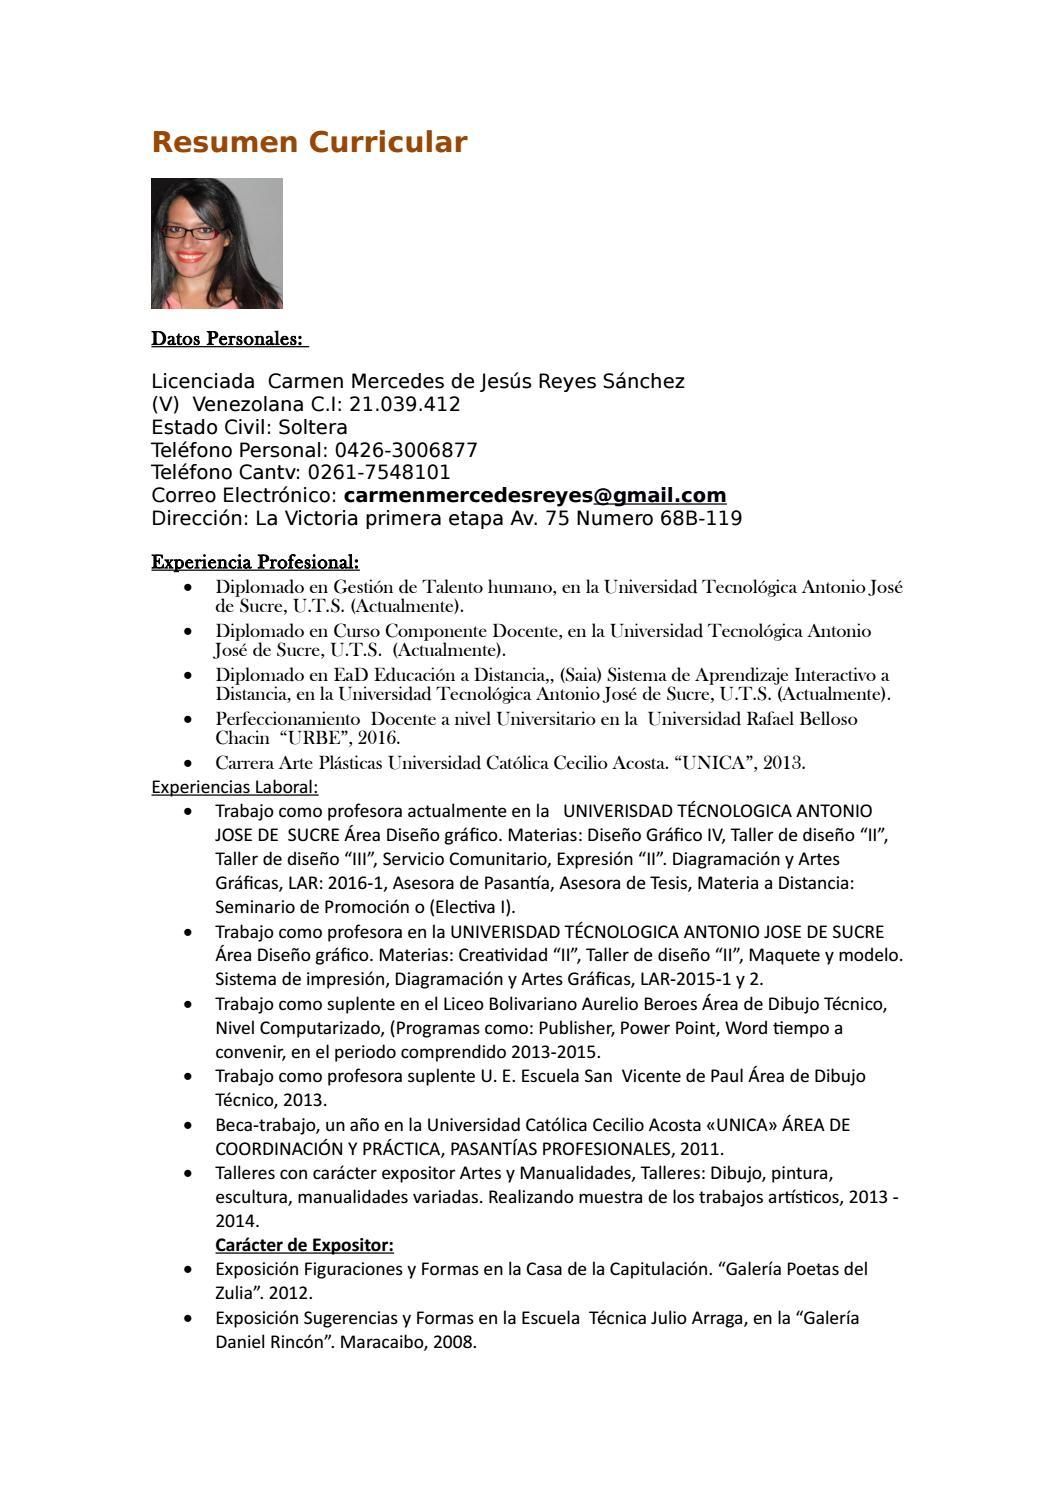 Resumen curricular lcda carmen reyes by CMJRS - issuu